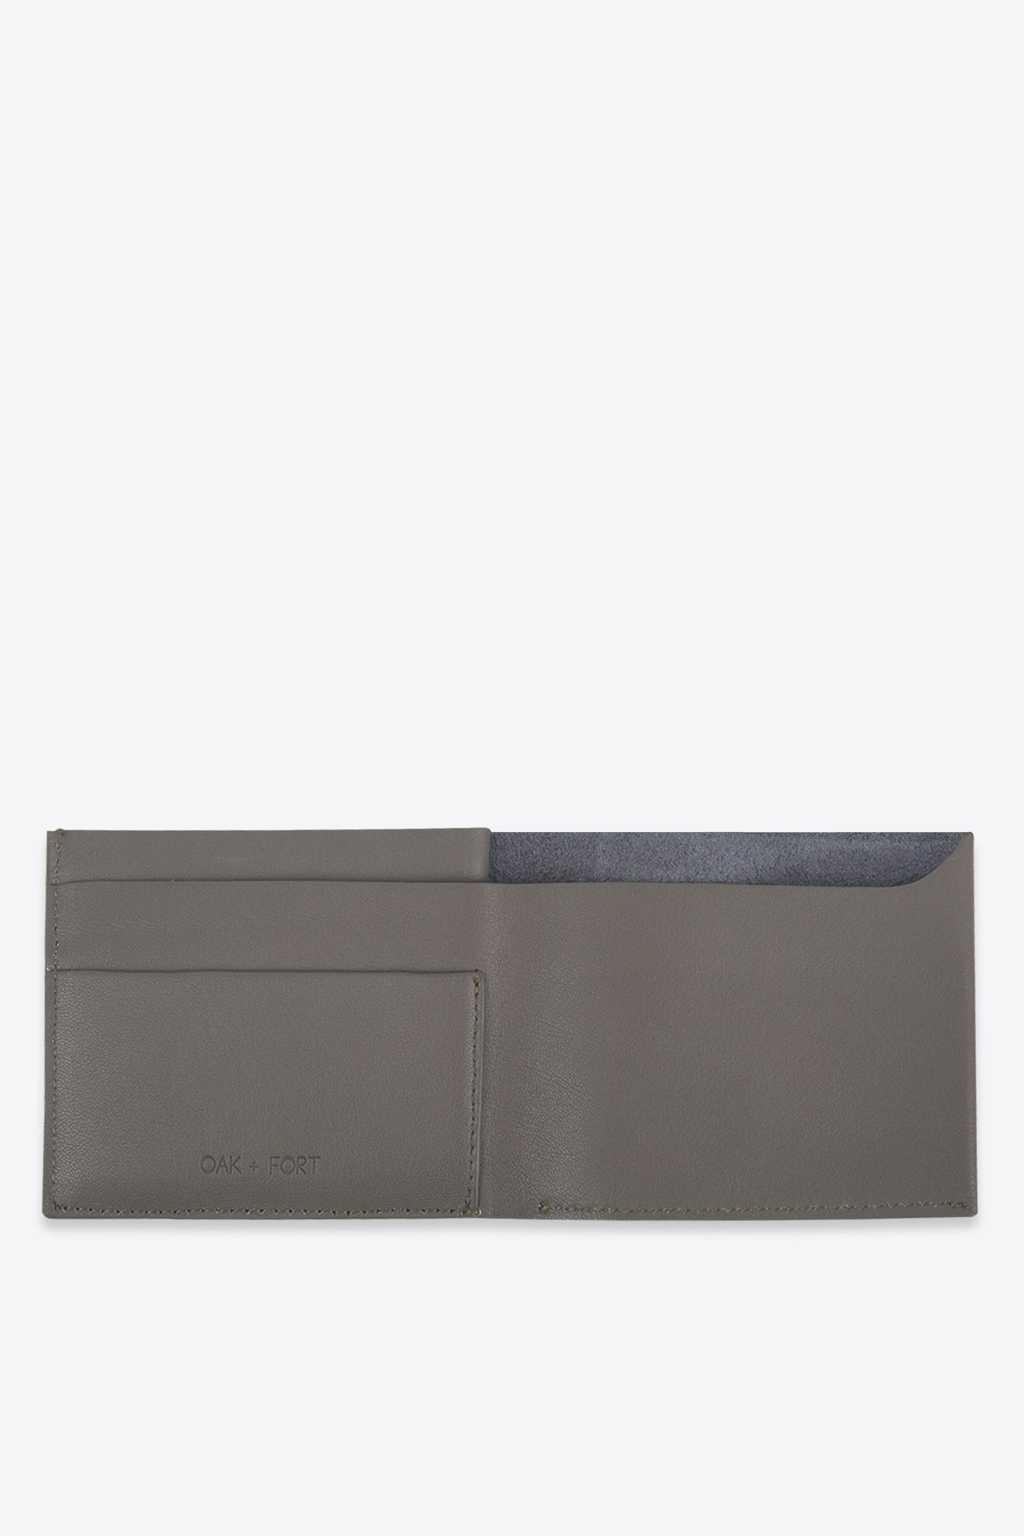 Wallet 1256 Olive 2